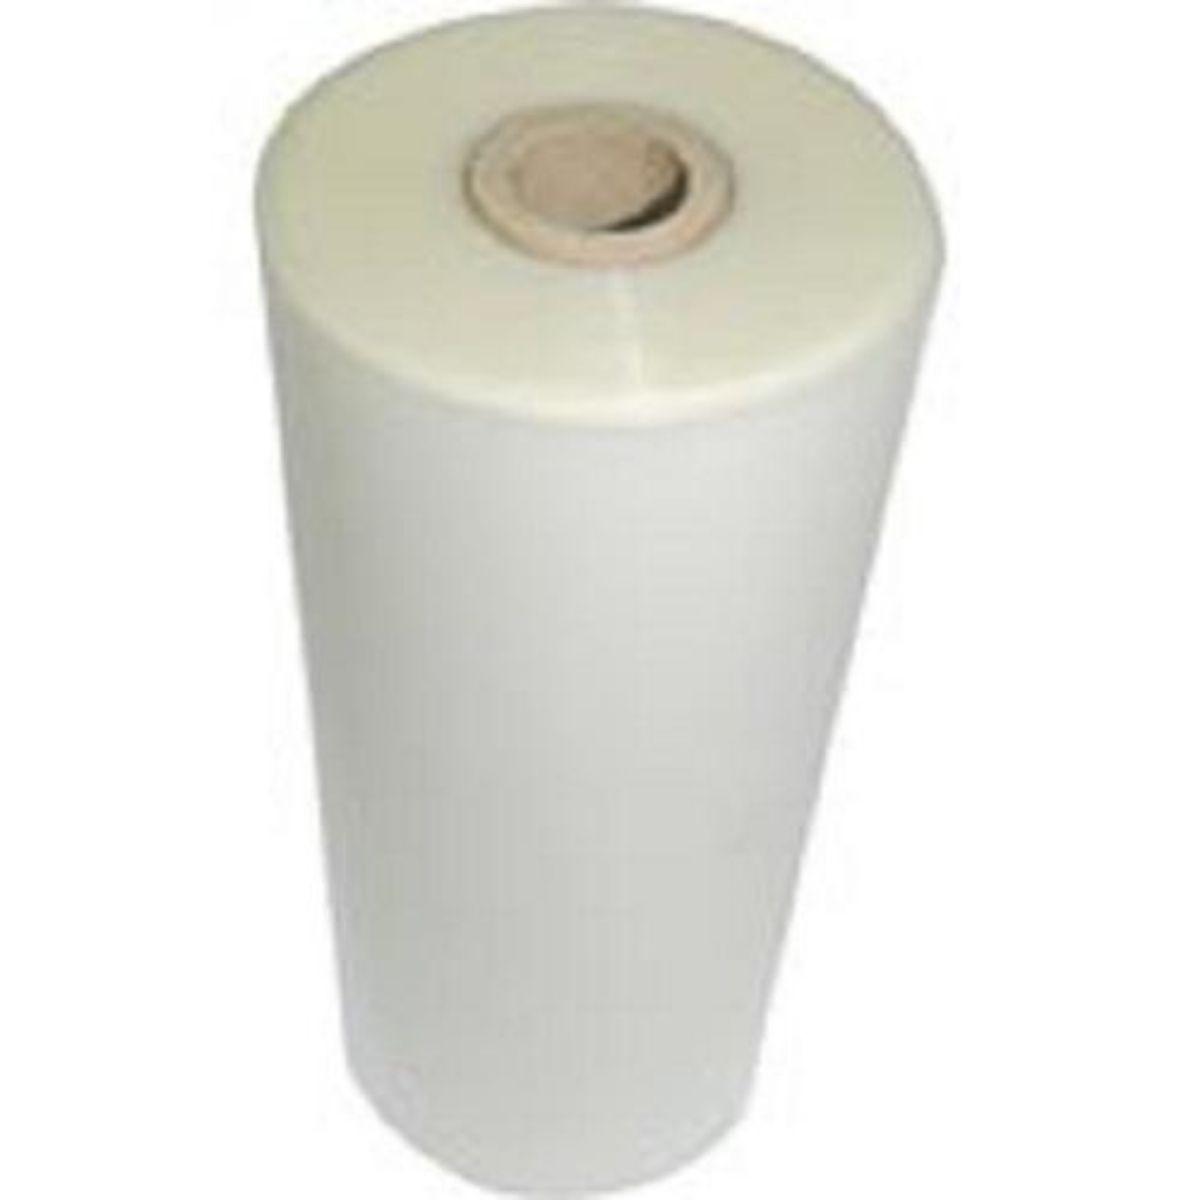 Kit Plastificadora Rotativa A3 R380 + 2 Bobinas 34cm  - Click Suprimentos